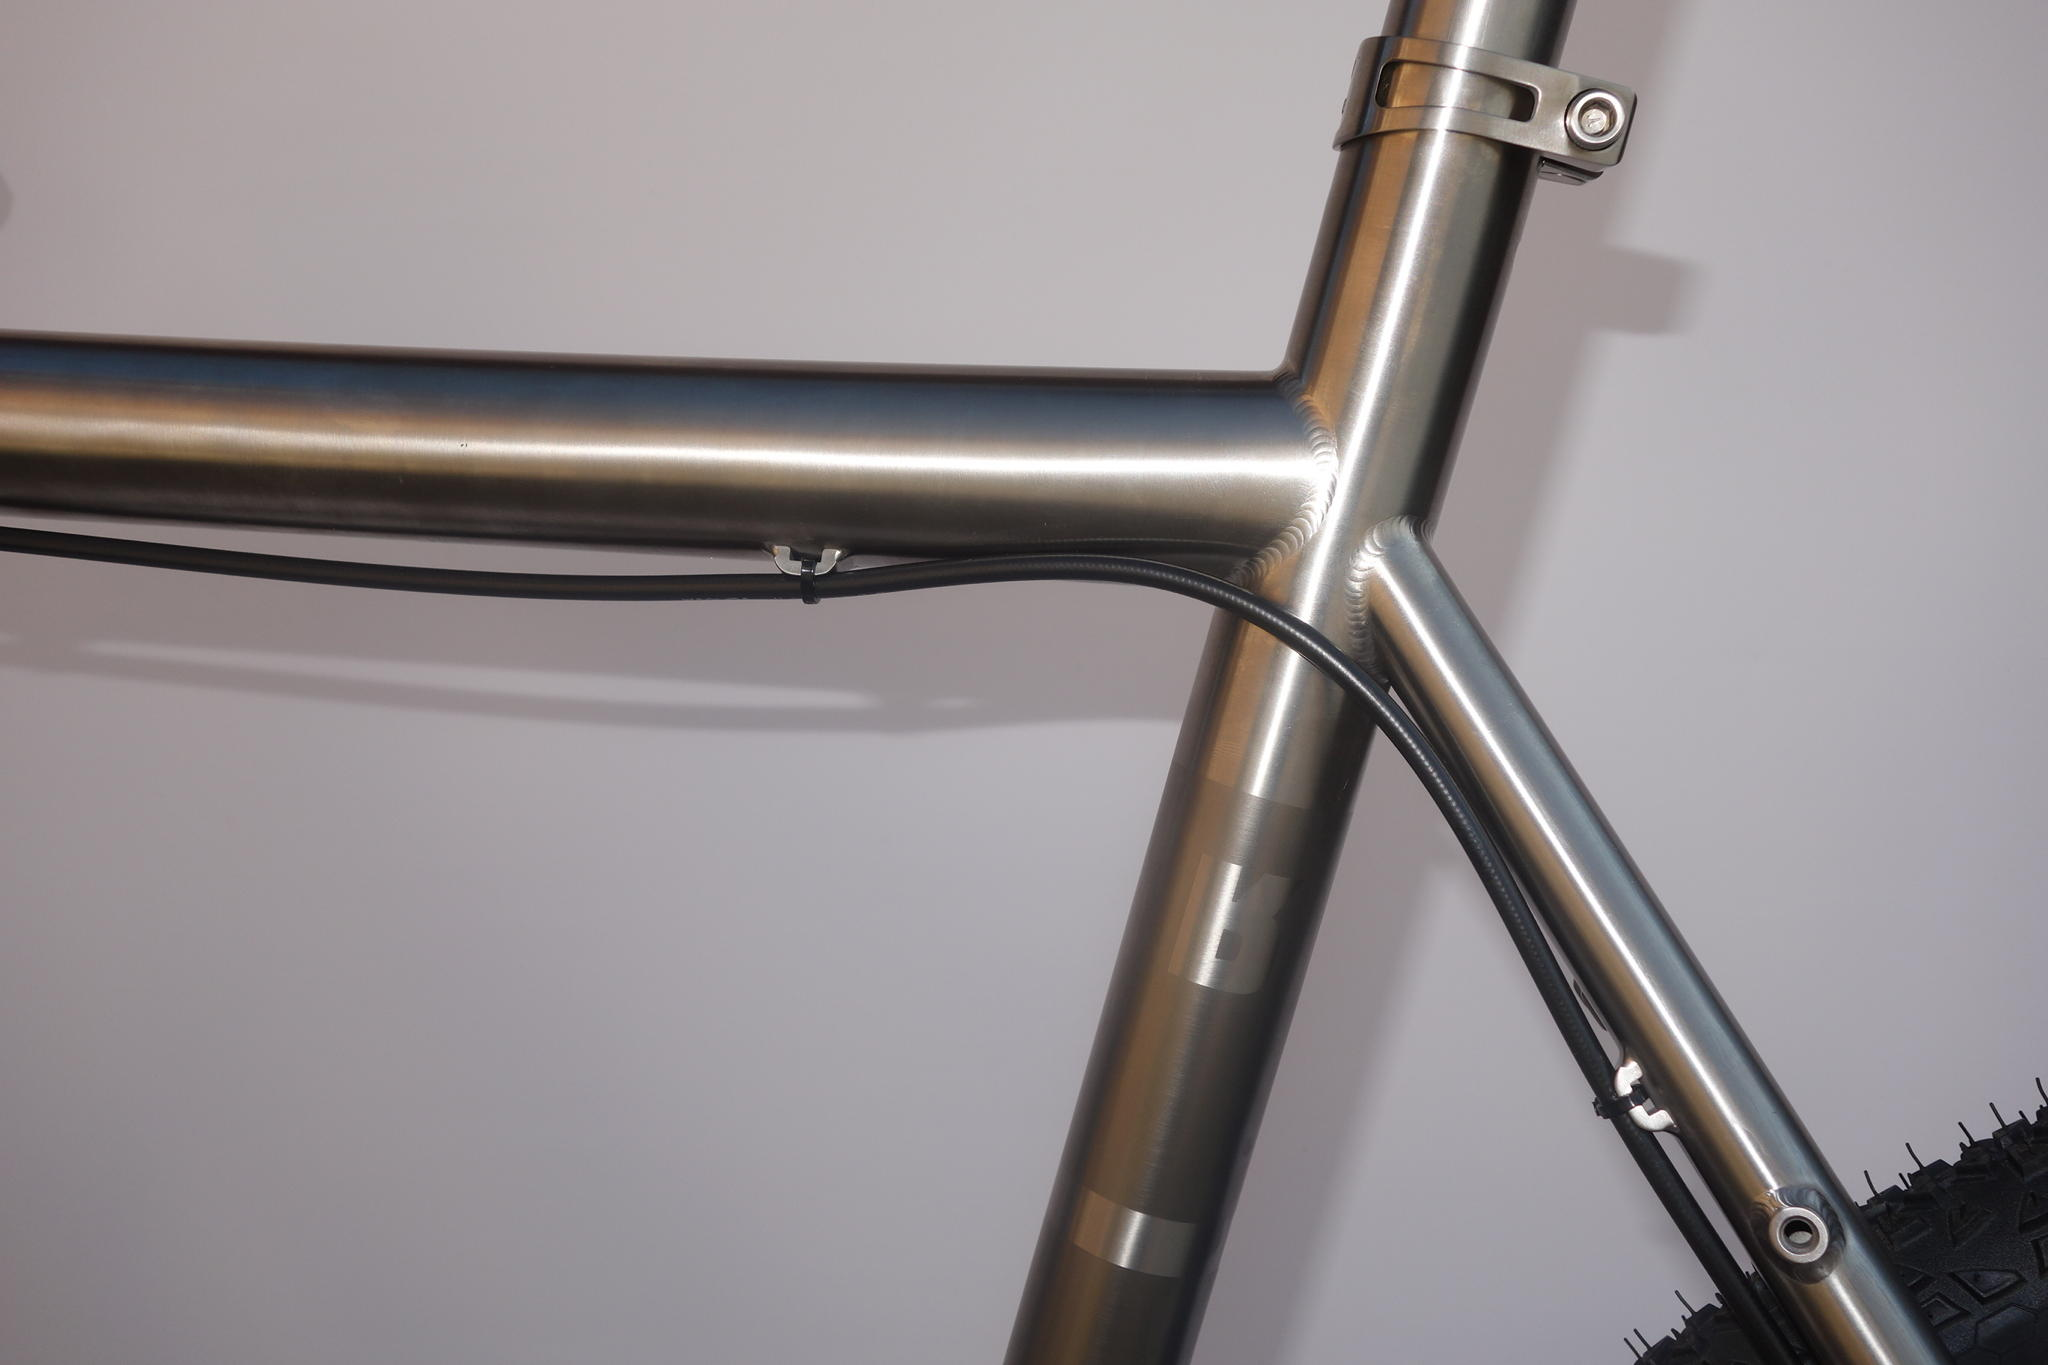 rabbit_cycles_titan_gravel_pinion_dsc03243